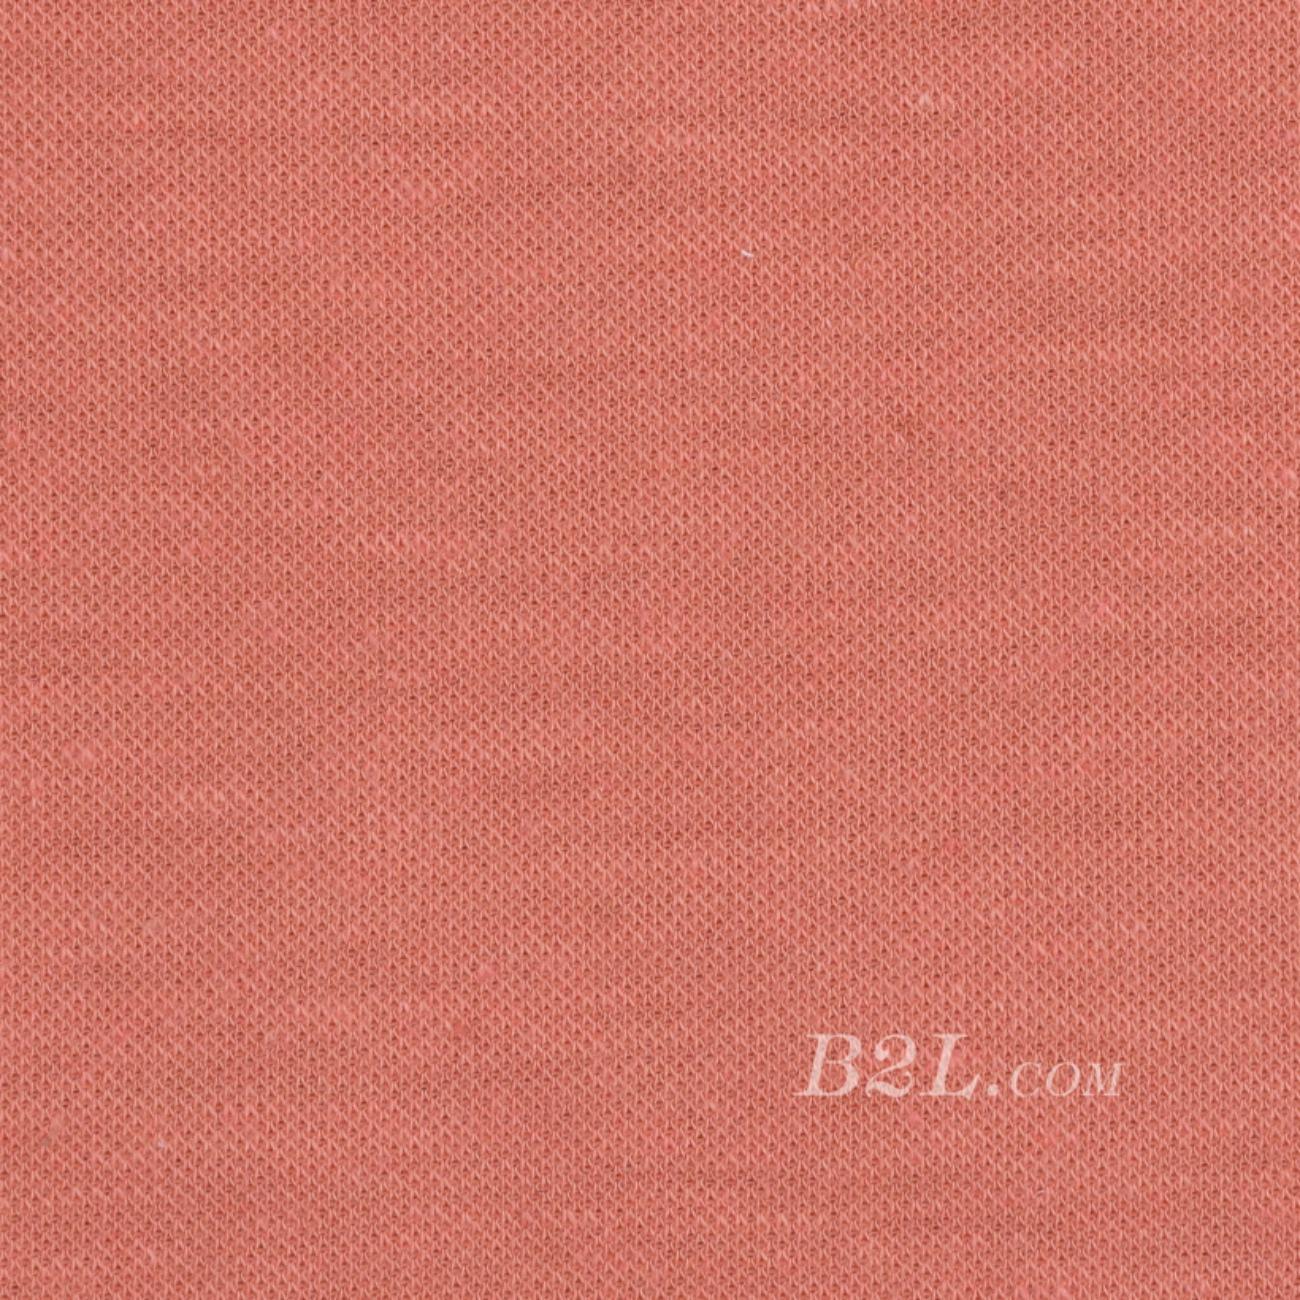 素色 针织 染色 低弹 春秋 连衣裙 时装 90306-49